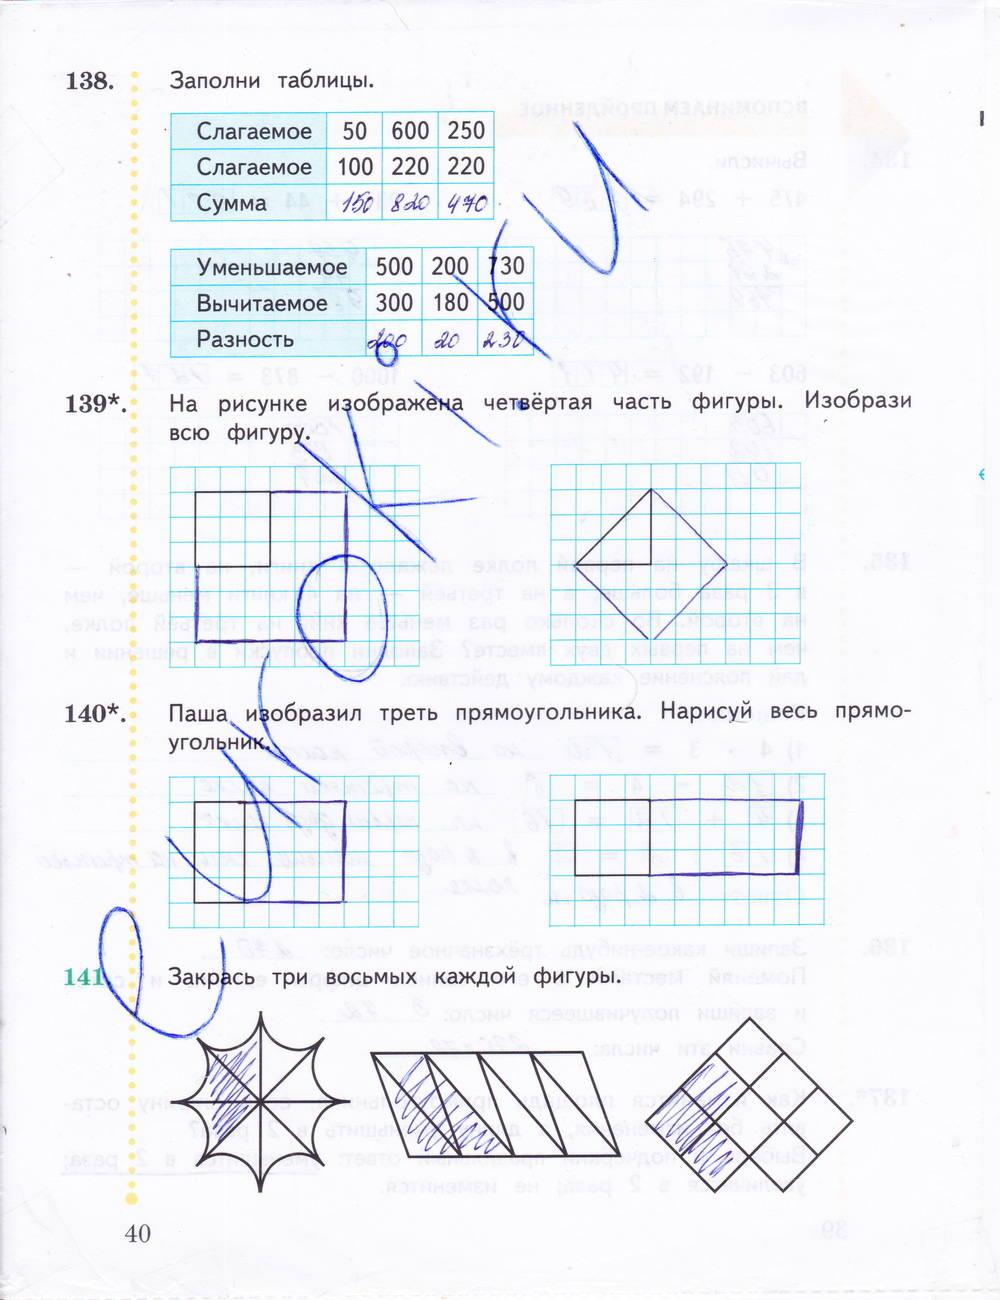 гдз 3 класс математика рудницкая юдачева 1 часть ответы